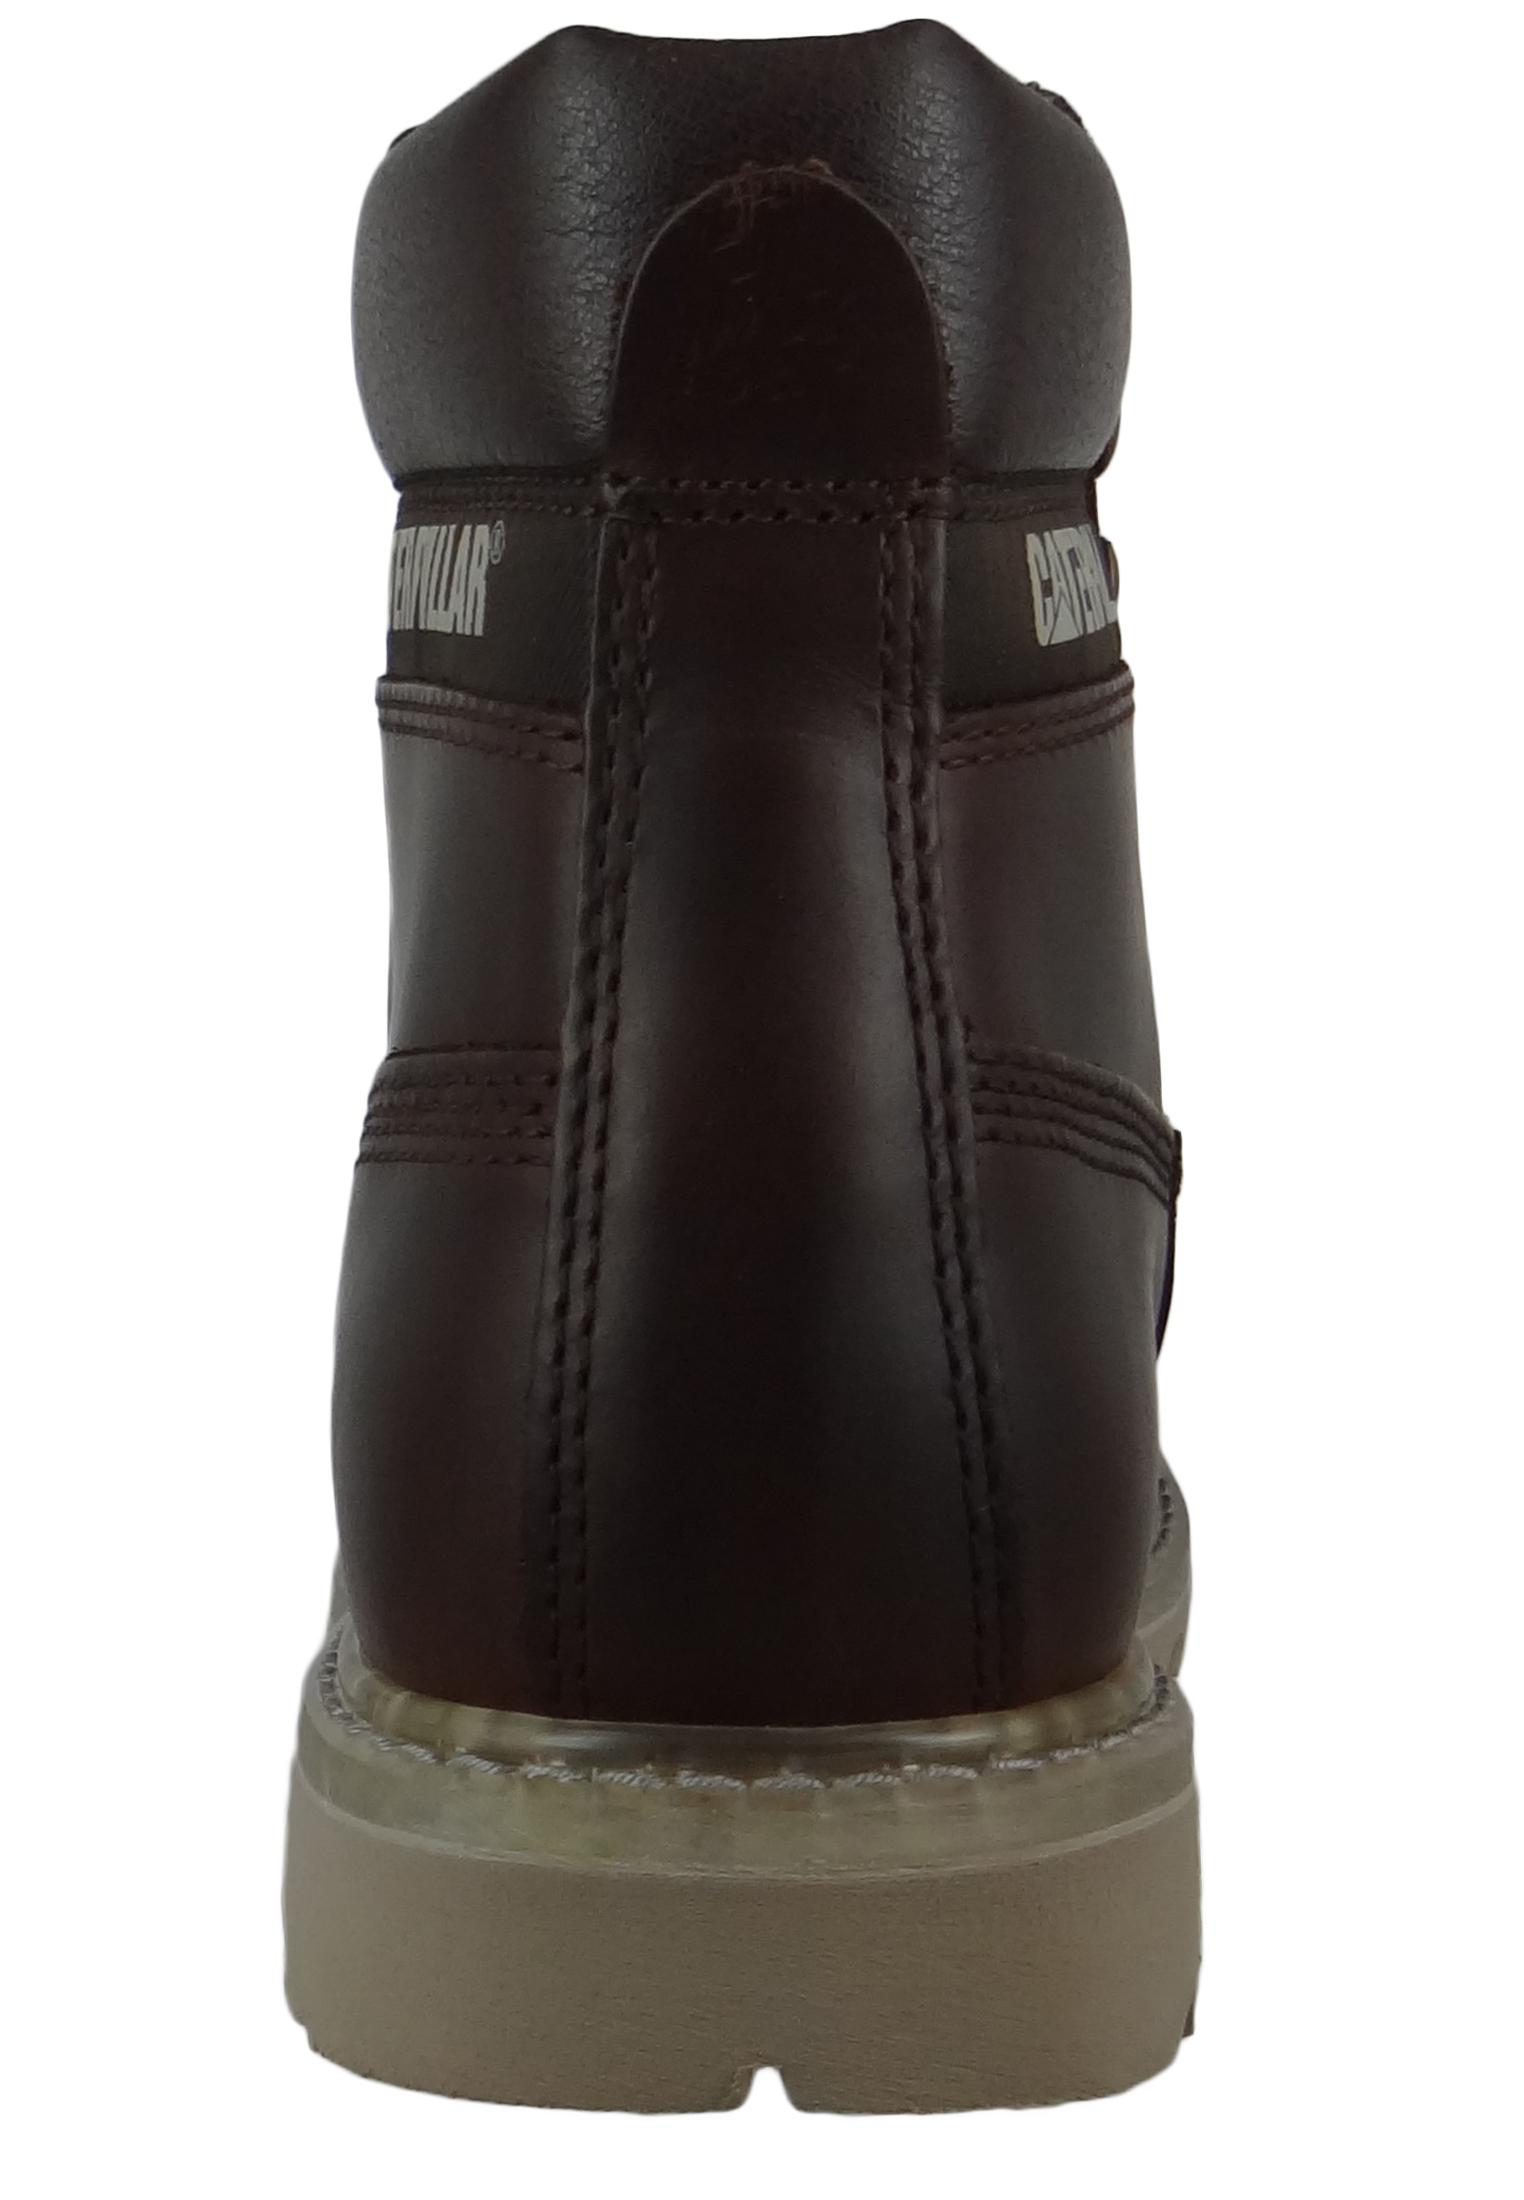 Caterpillar Damen Stiefel Snow Boots Schnür Boots in